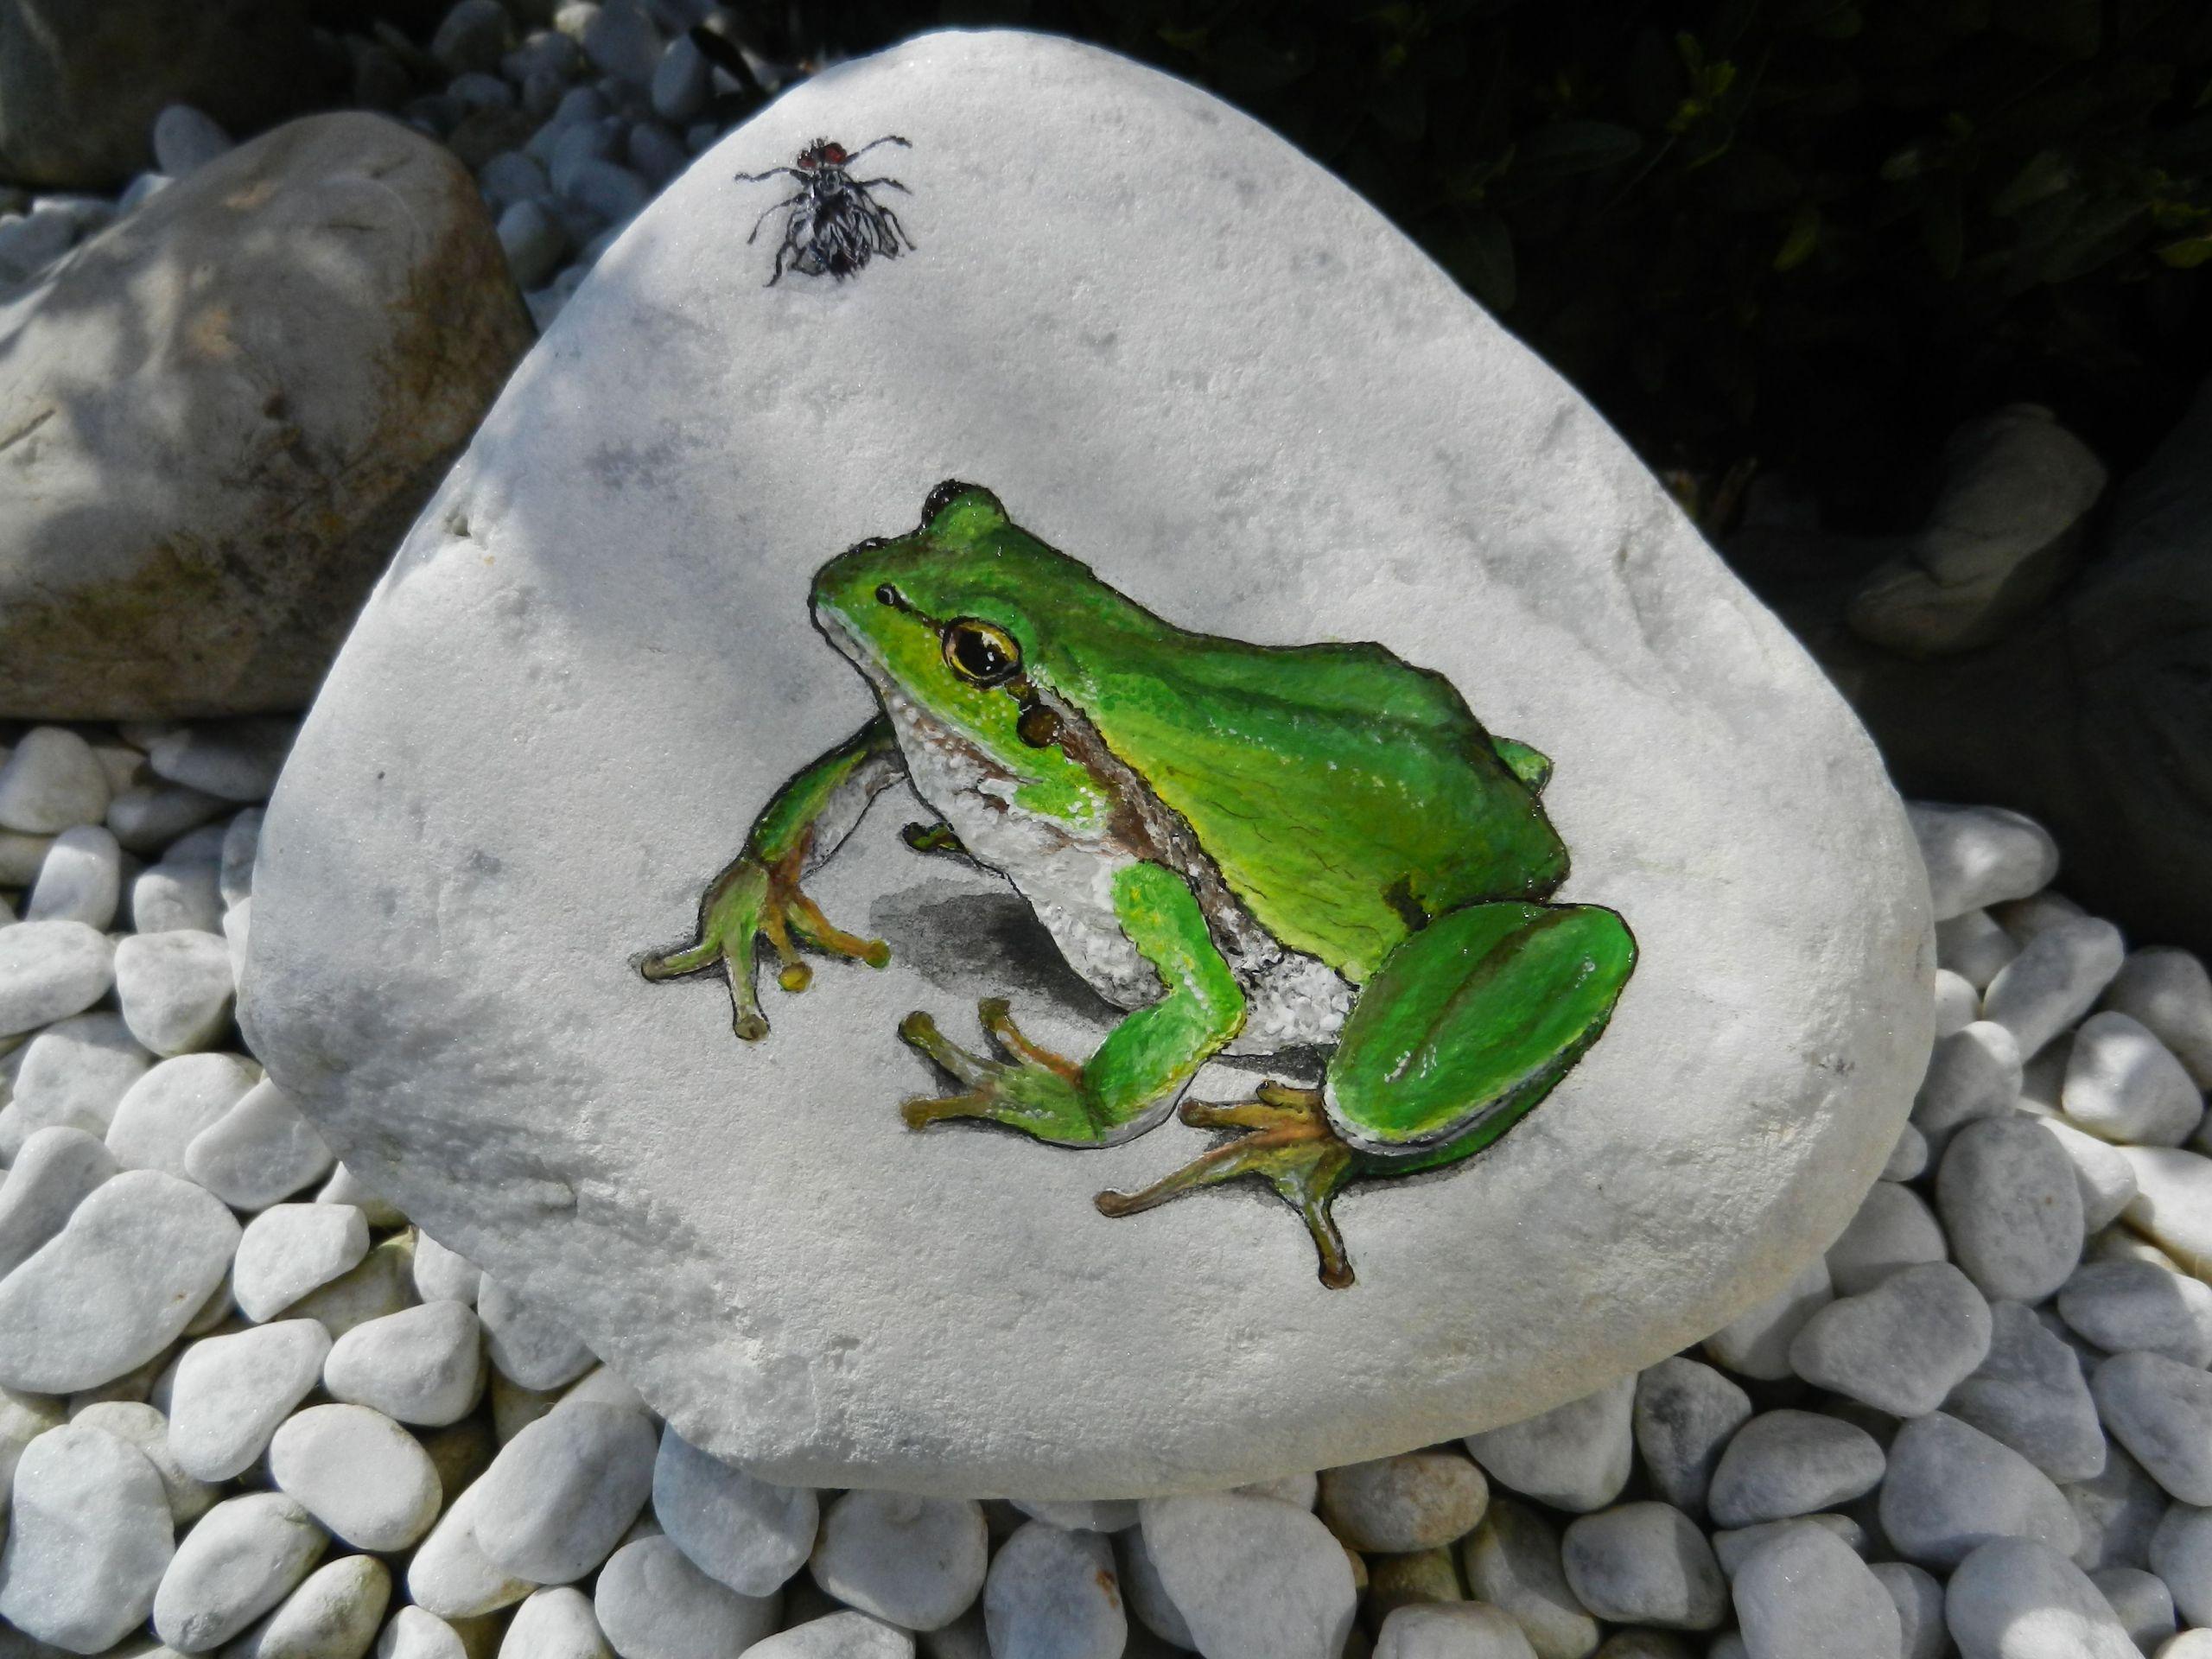 Frosch Deko Garten Einzigartig Frosch Mit Fliege Auf Stein Etwas Anspruchsvoller Für Den